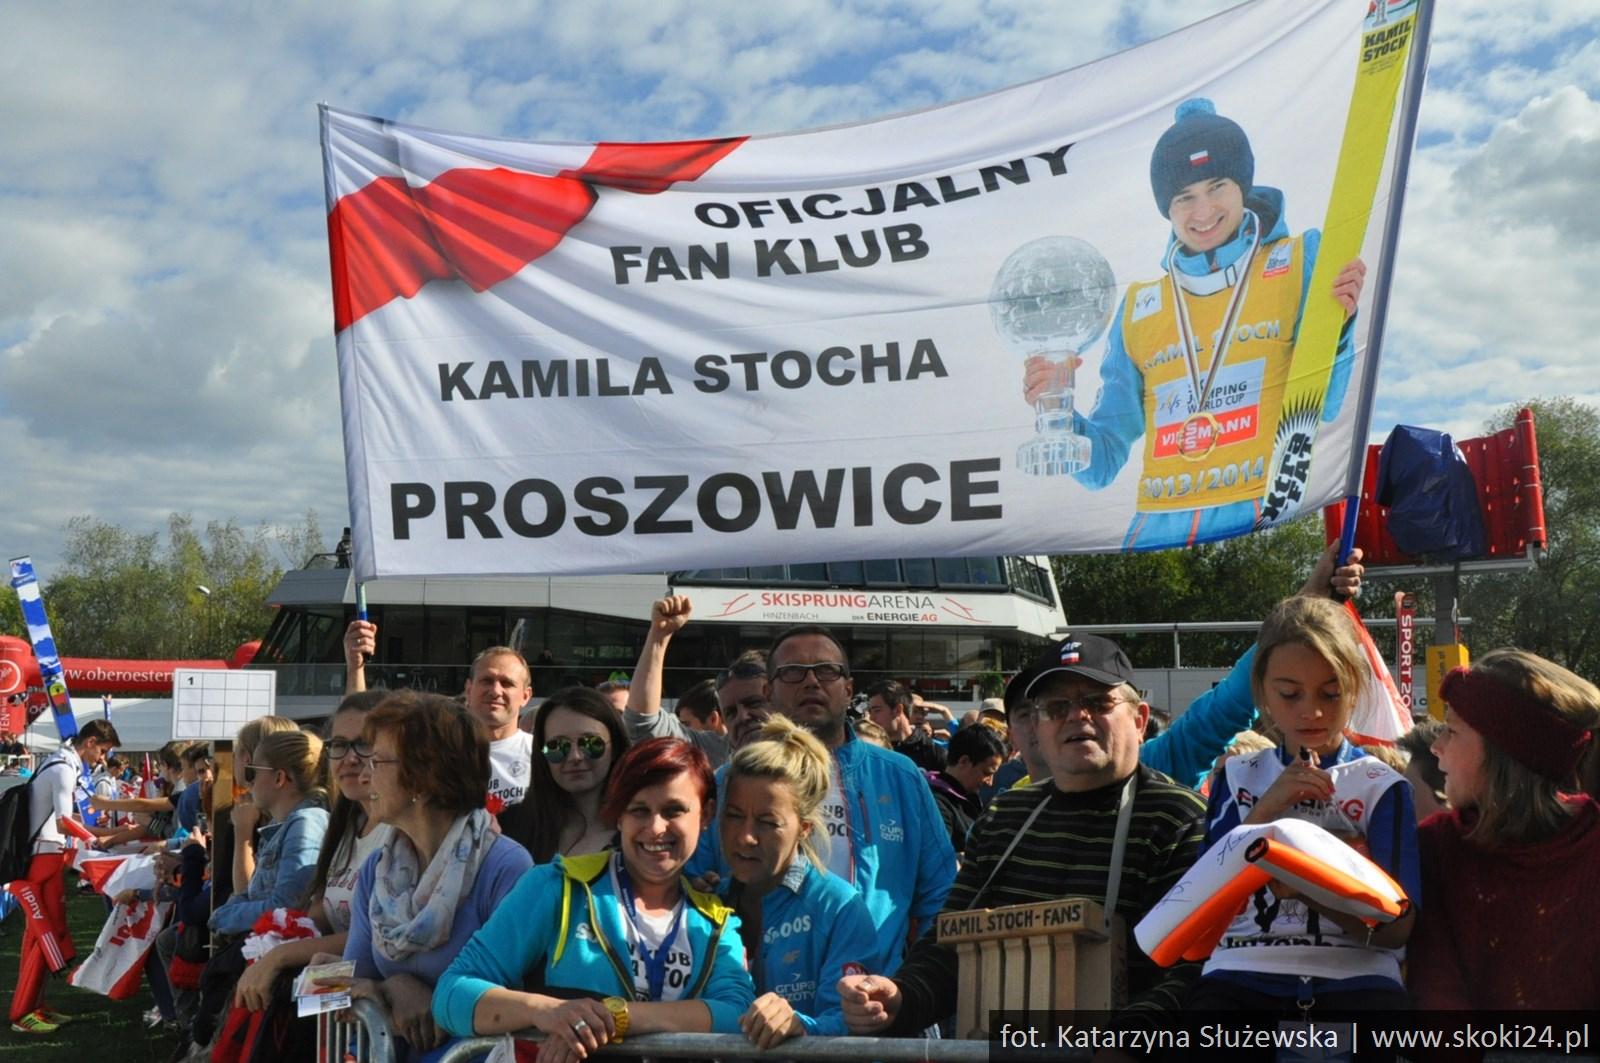 Fanklub-Stocha-Proszowice-3